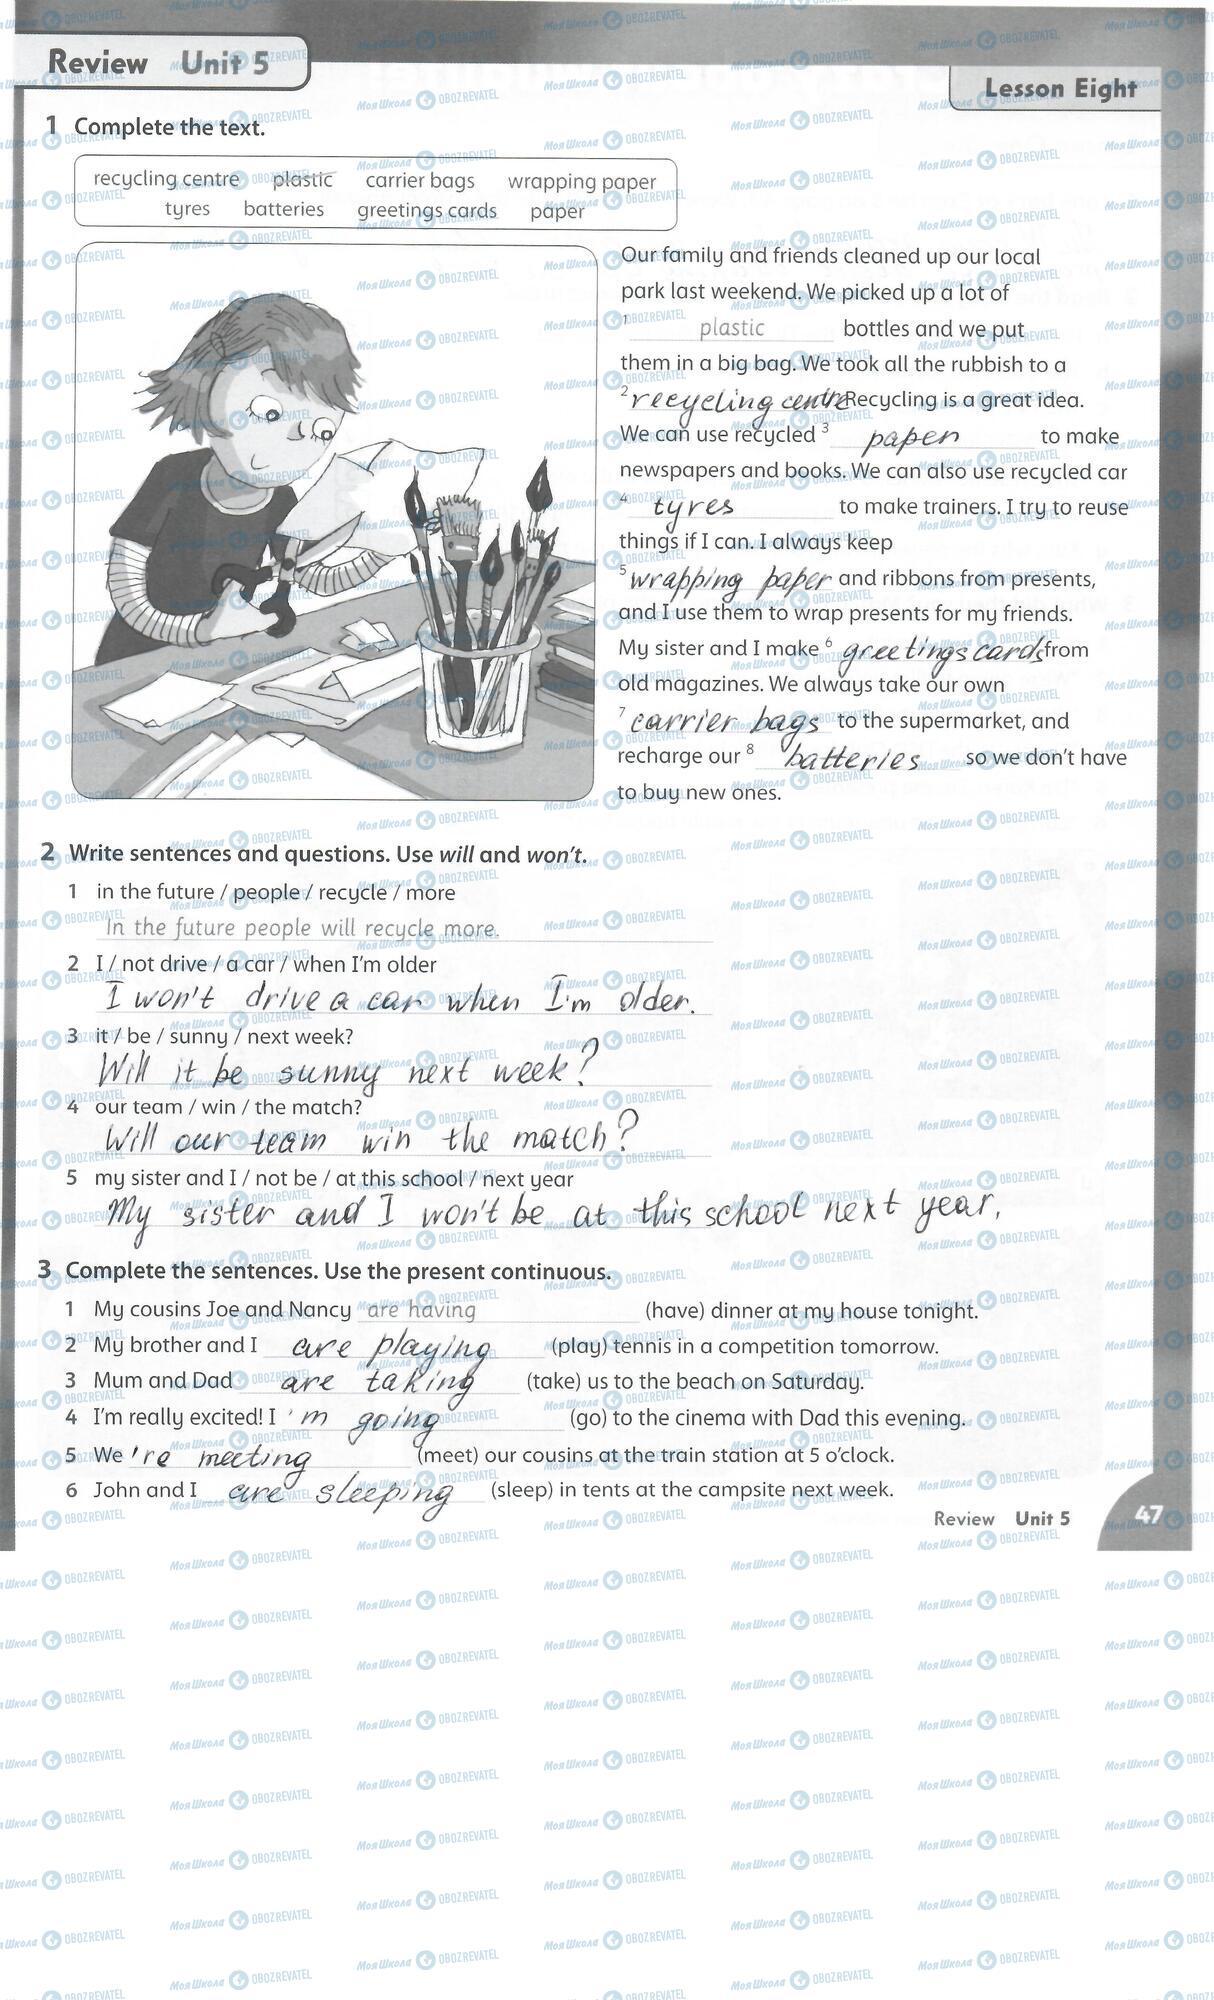 ГДЗ Английский язык 5 класс страница 47